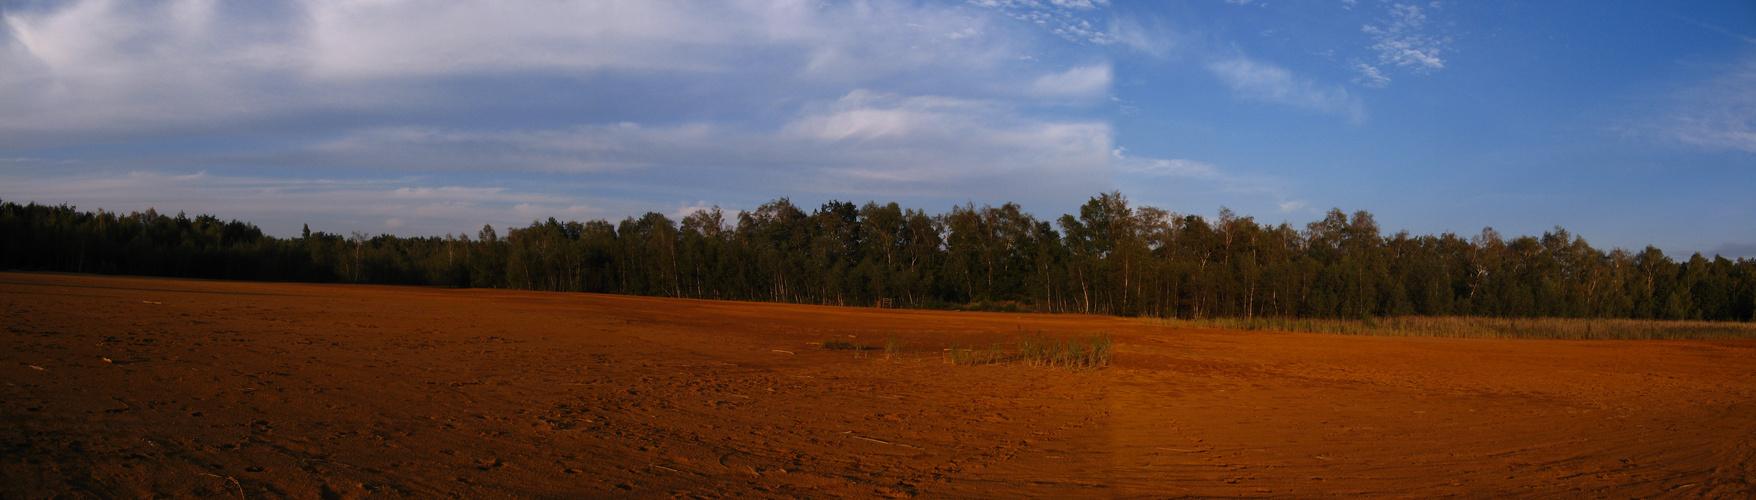 Rote Erde - Tagebau 2